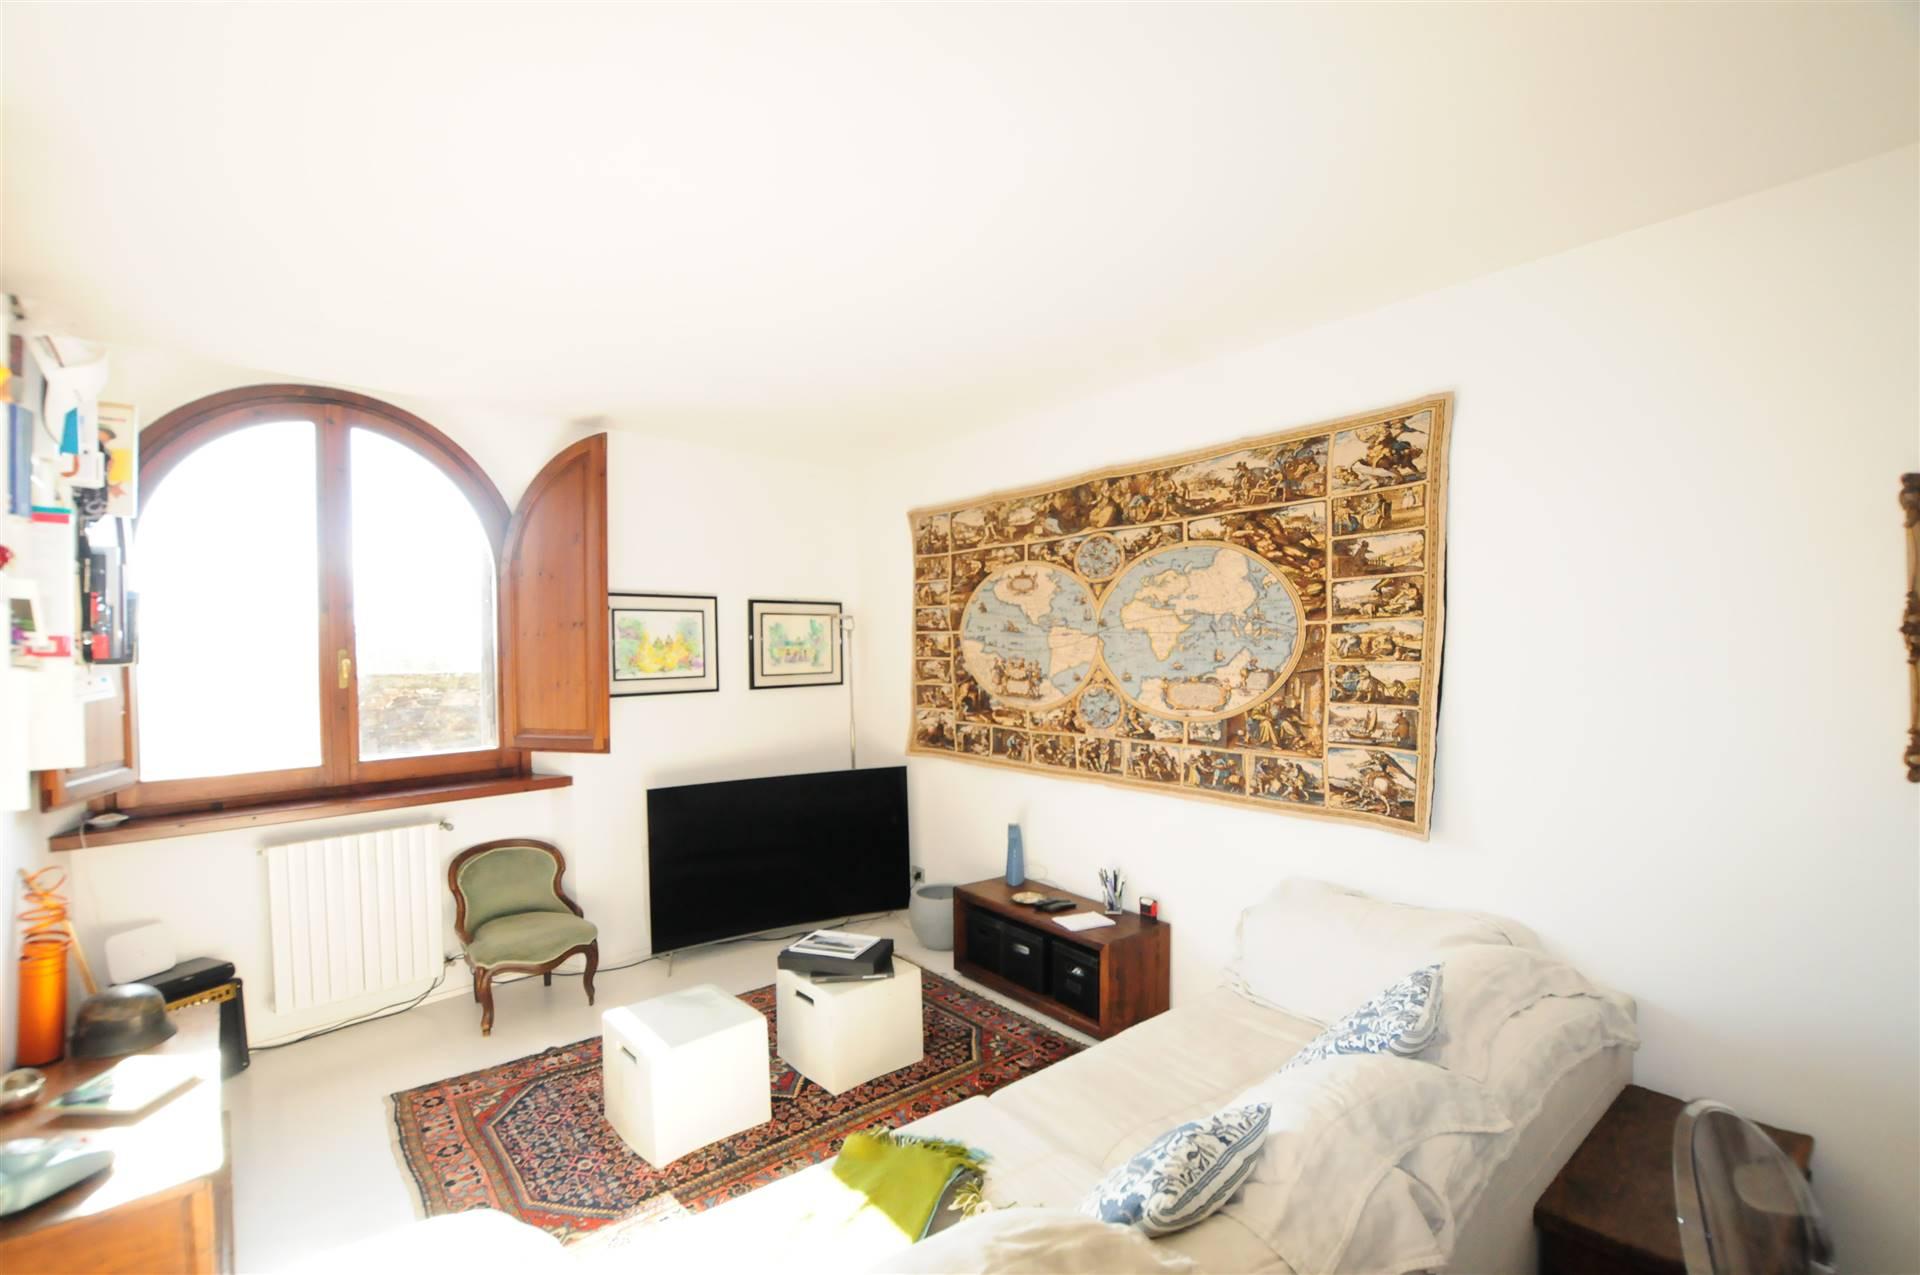 Appartamento in vendita a Fiesole, 3 locali, zona Zona: San Domenico, prezzo € 260.000 | CambioCasa.it